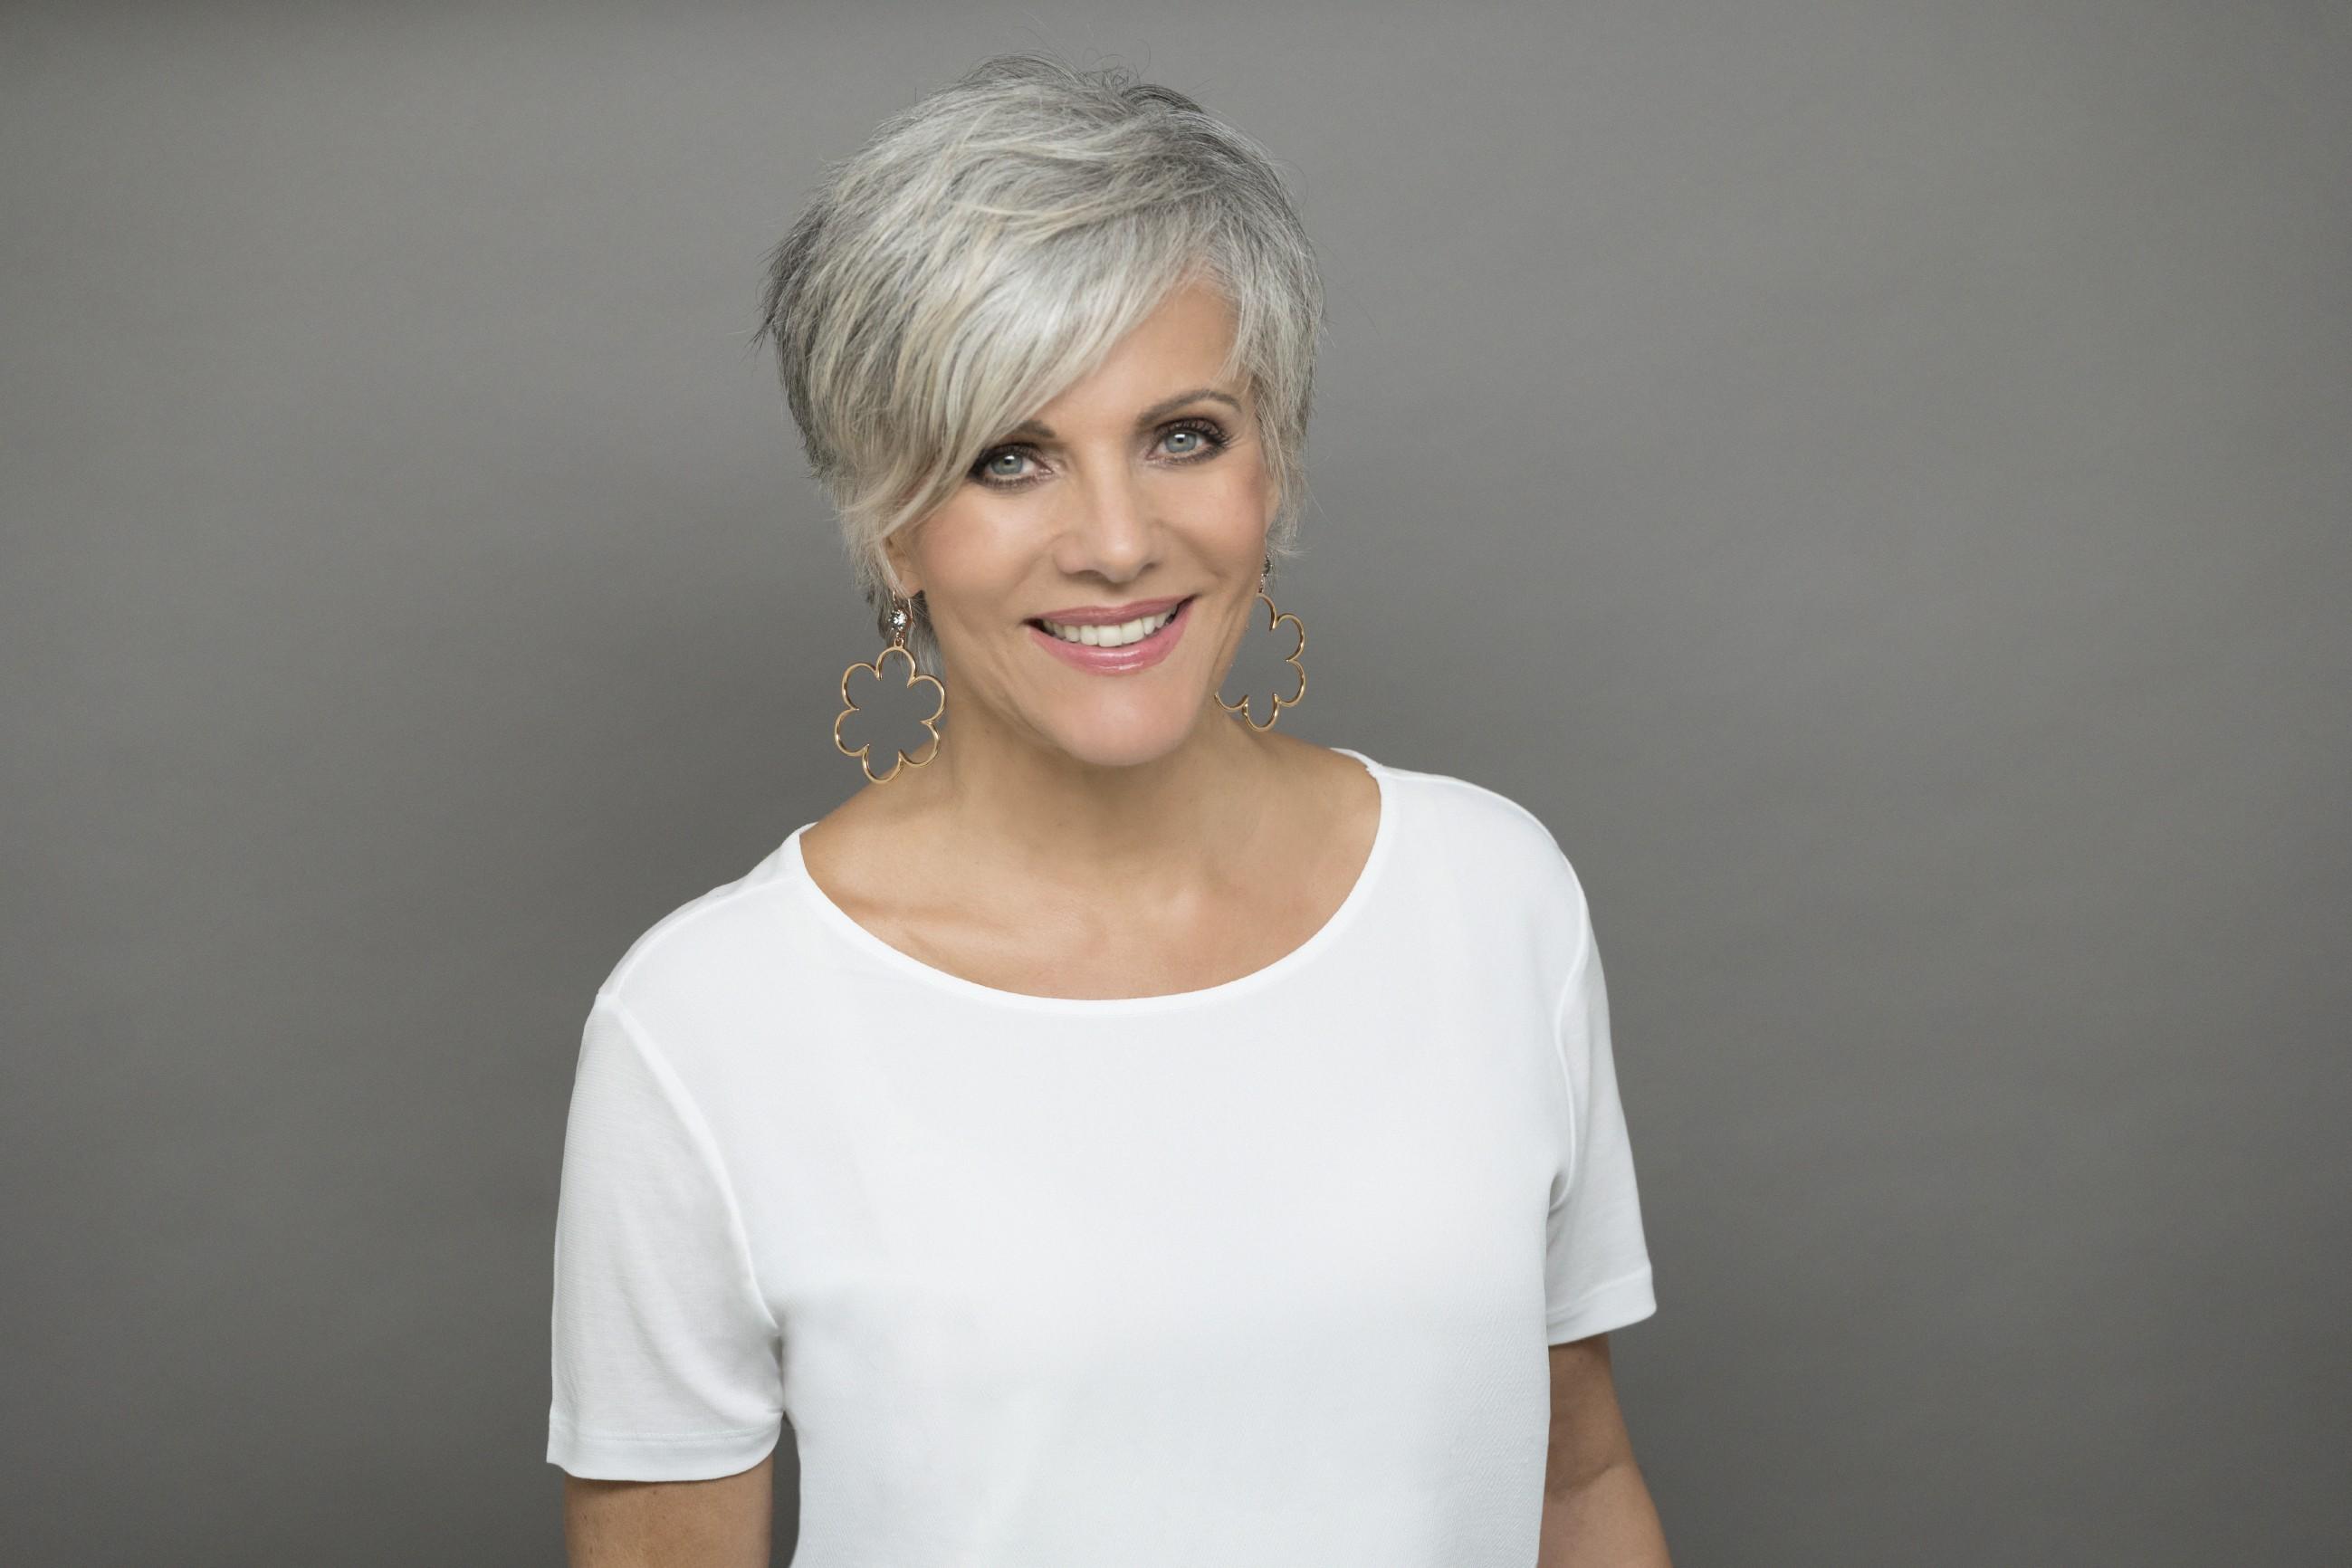 Birgit Schrowange zum ersten Mal mit grauen Haaren › STARSonTV